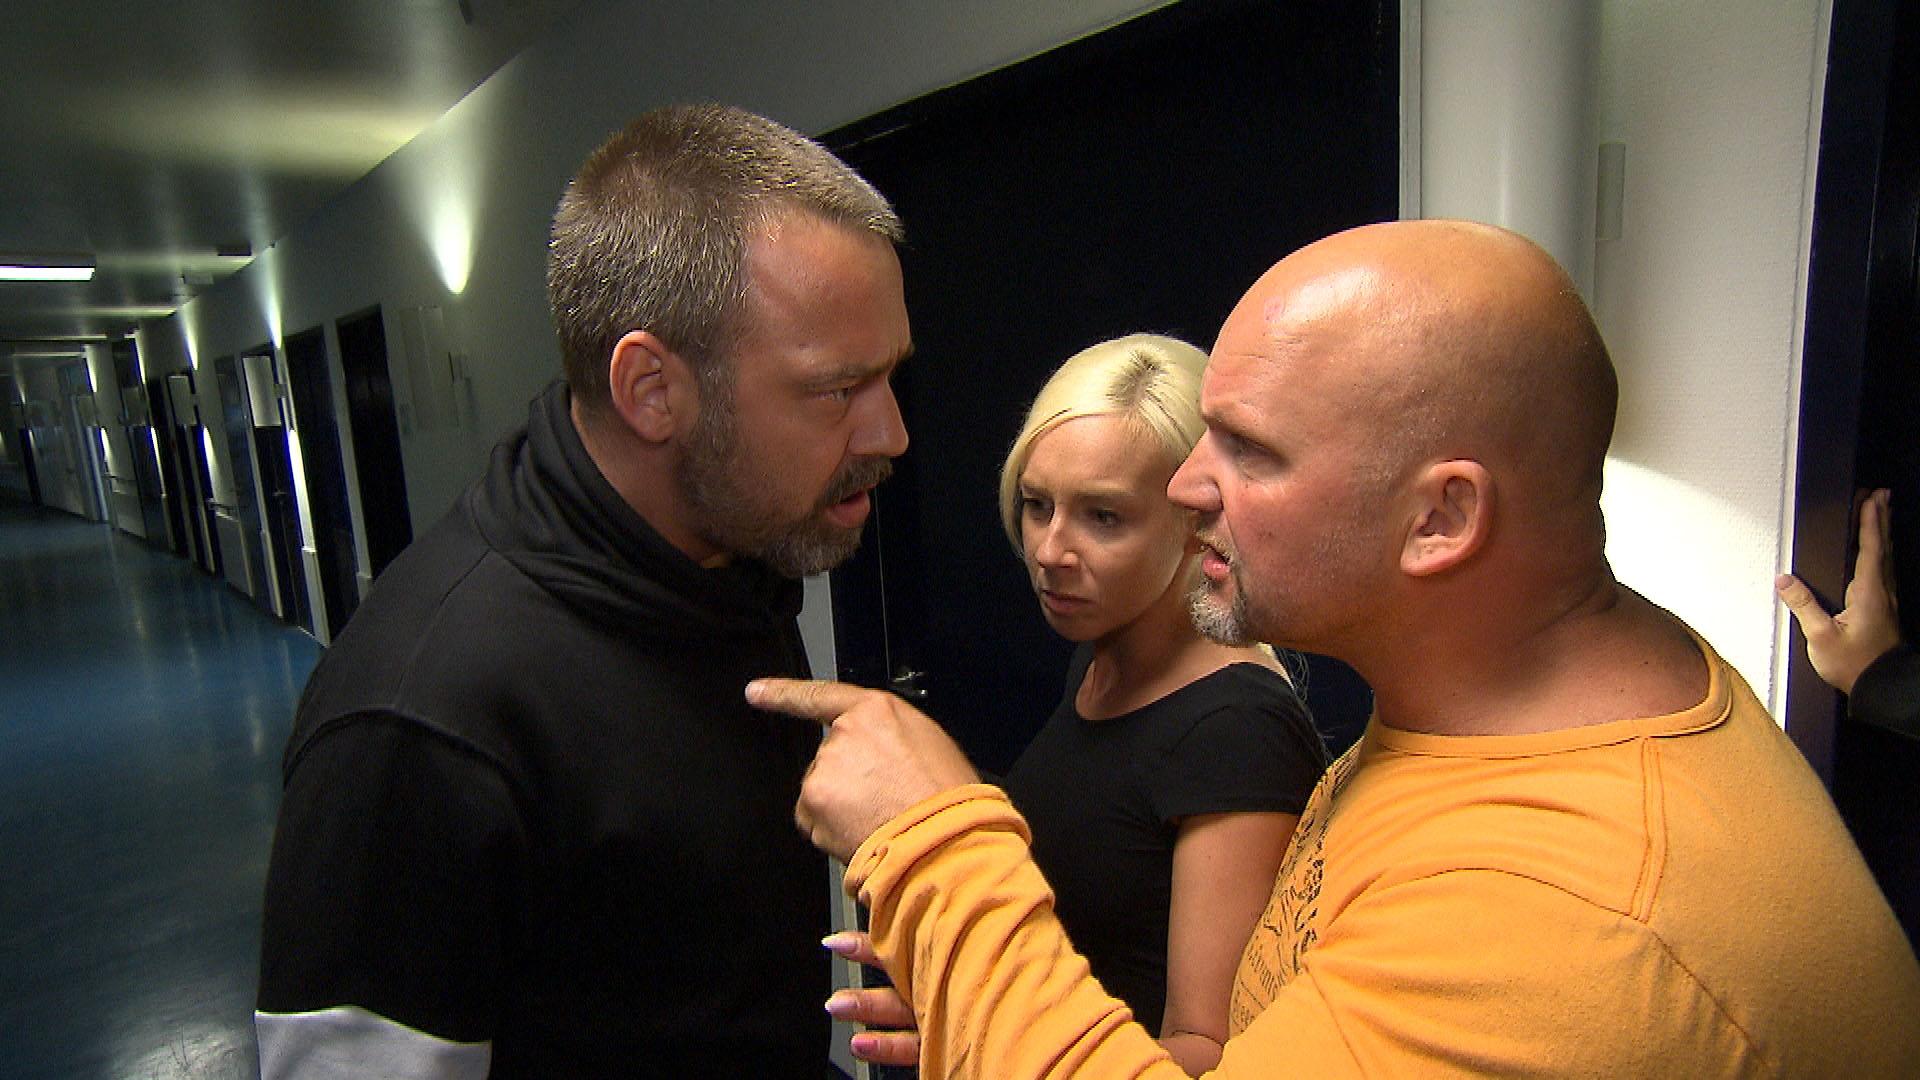 Peggy (mi) ist zutiefst schockiert, als sie am Morgen erfährt, was beim Gespräch zwischen Theo (li) und Inge passiert ist. Sie macht ihrem Freund bittere Vorwürfe... Foto re.: Joe (Quelle: RTL 2)